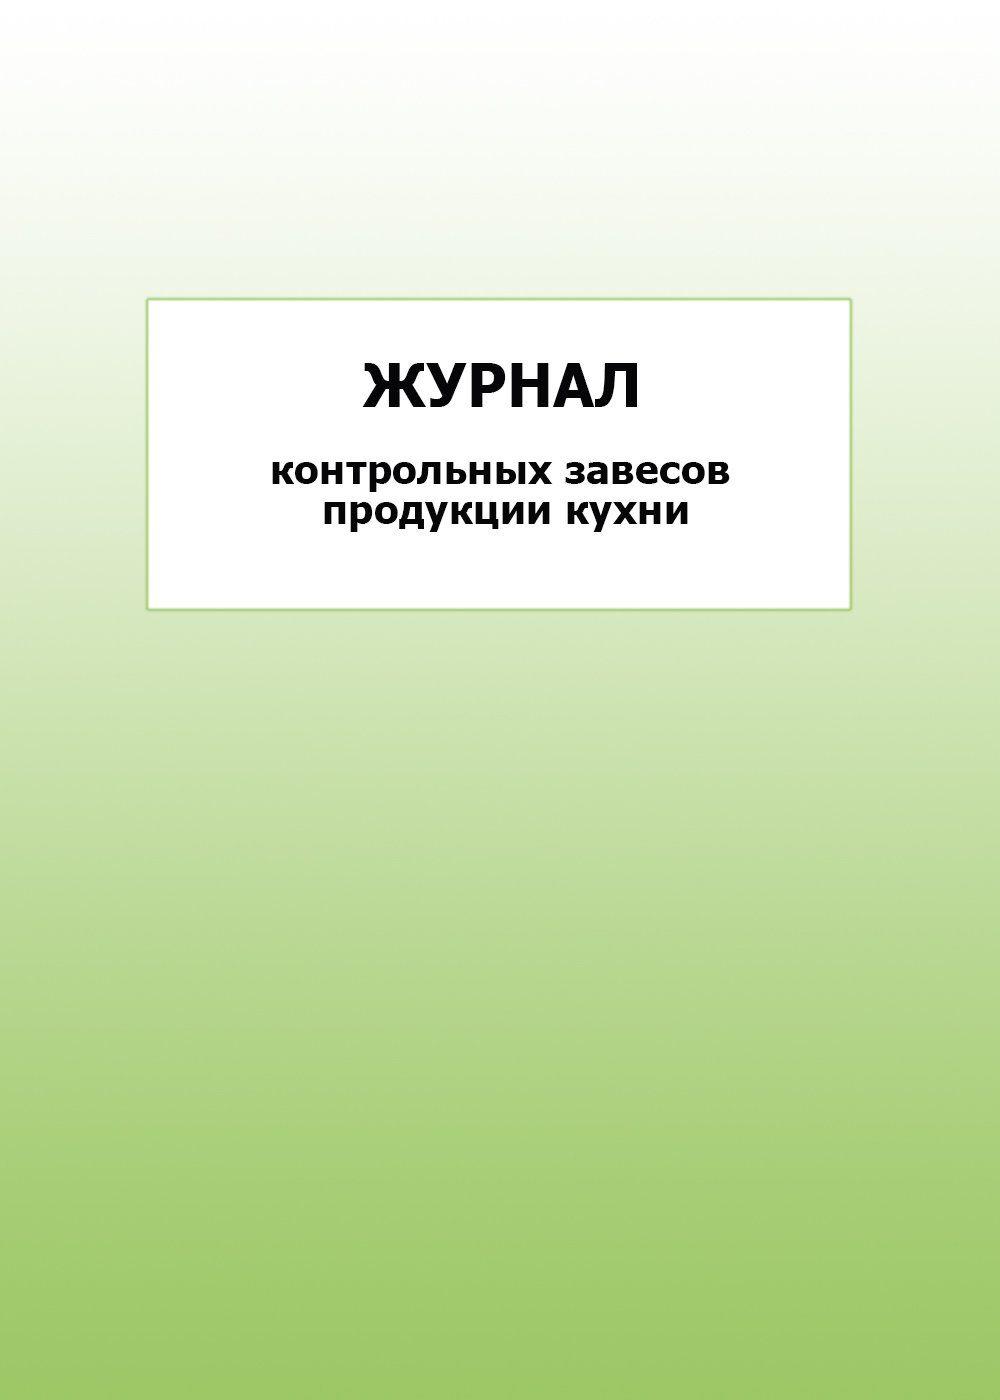 Журнал контрольных завесов продукции кухни: упаковка 100 шт.